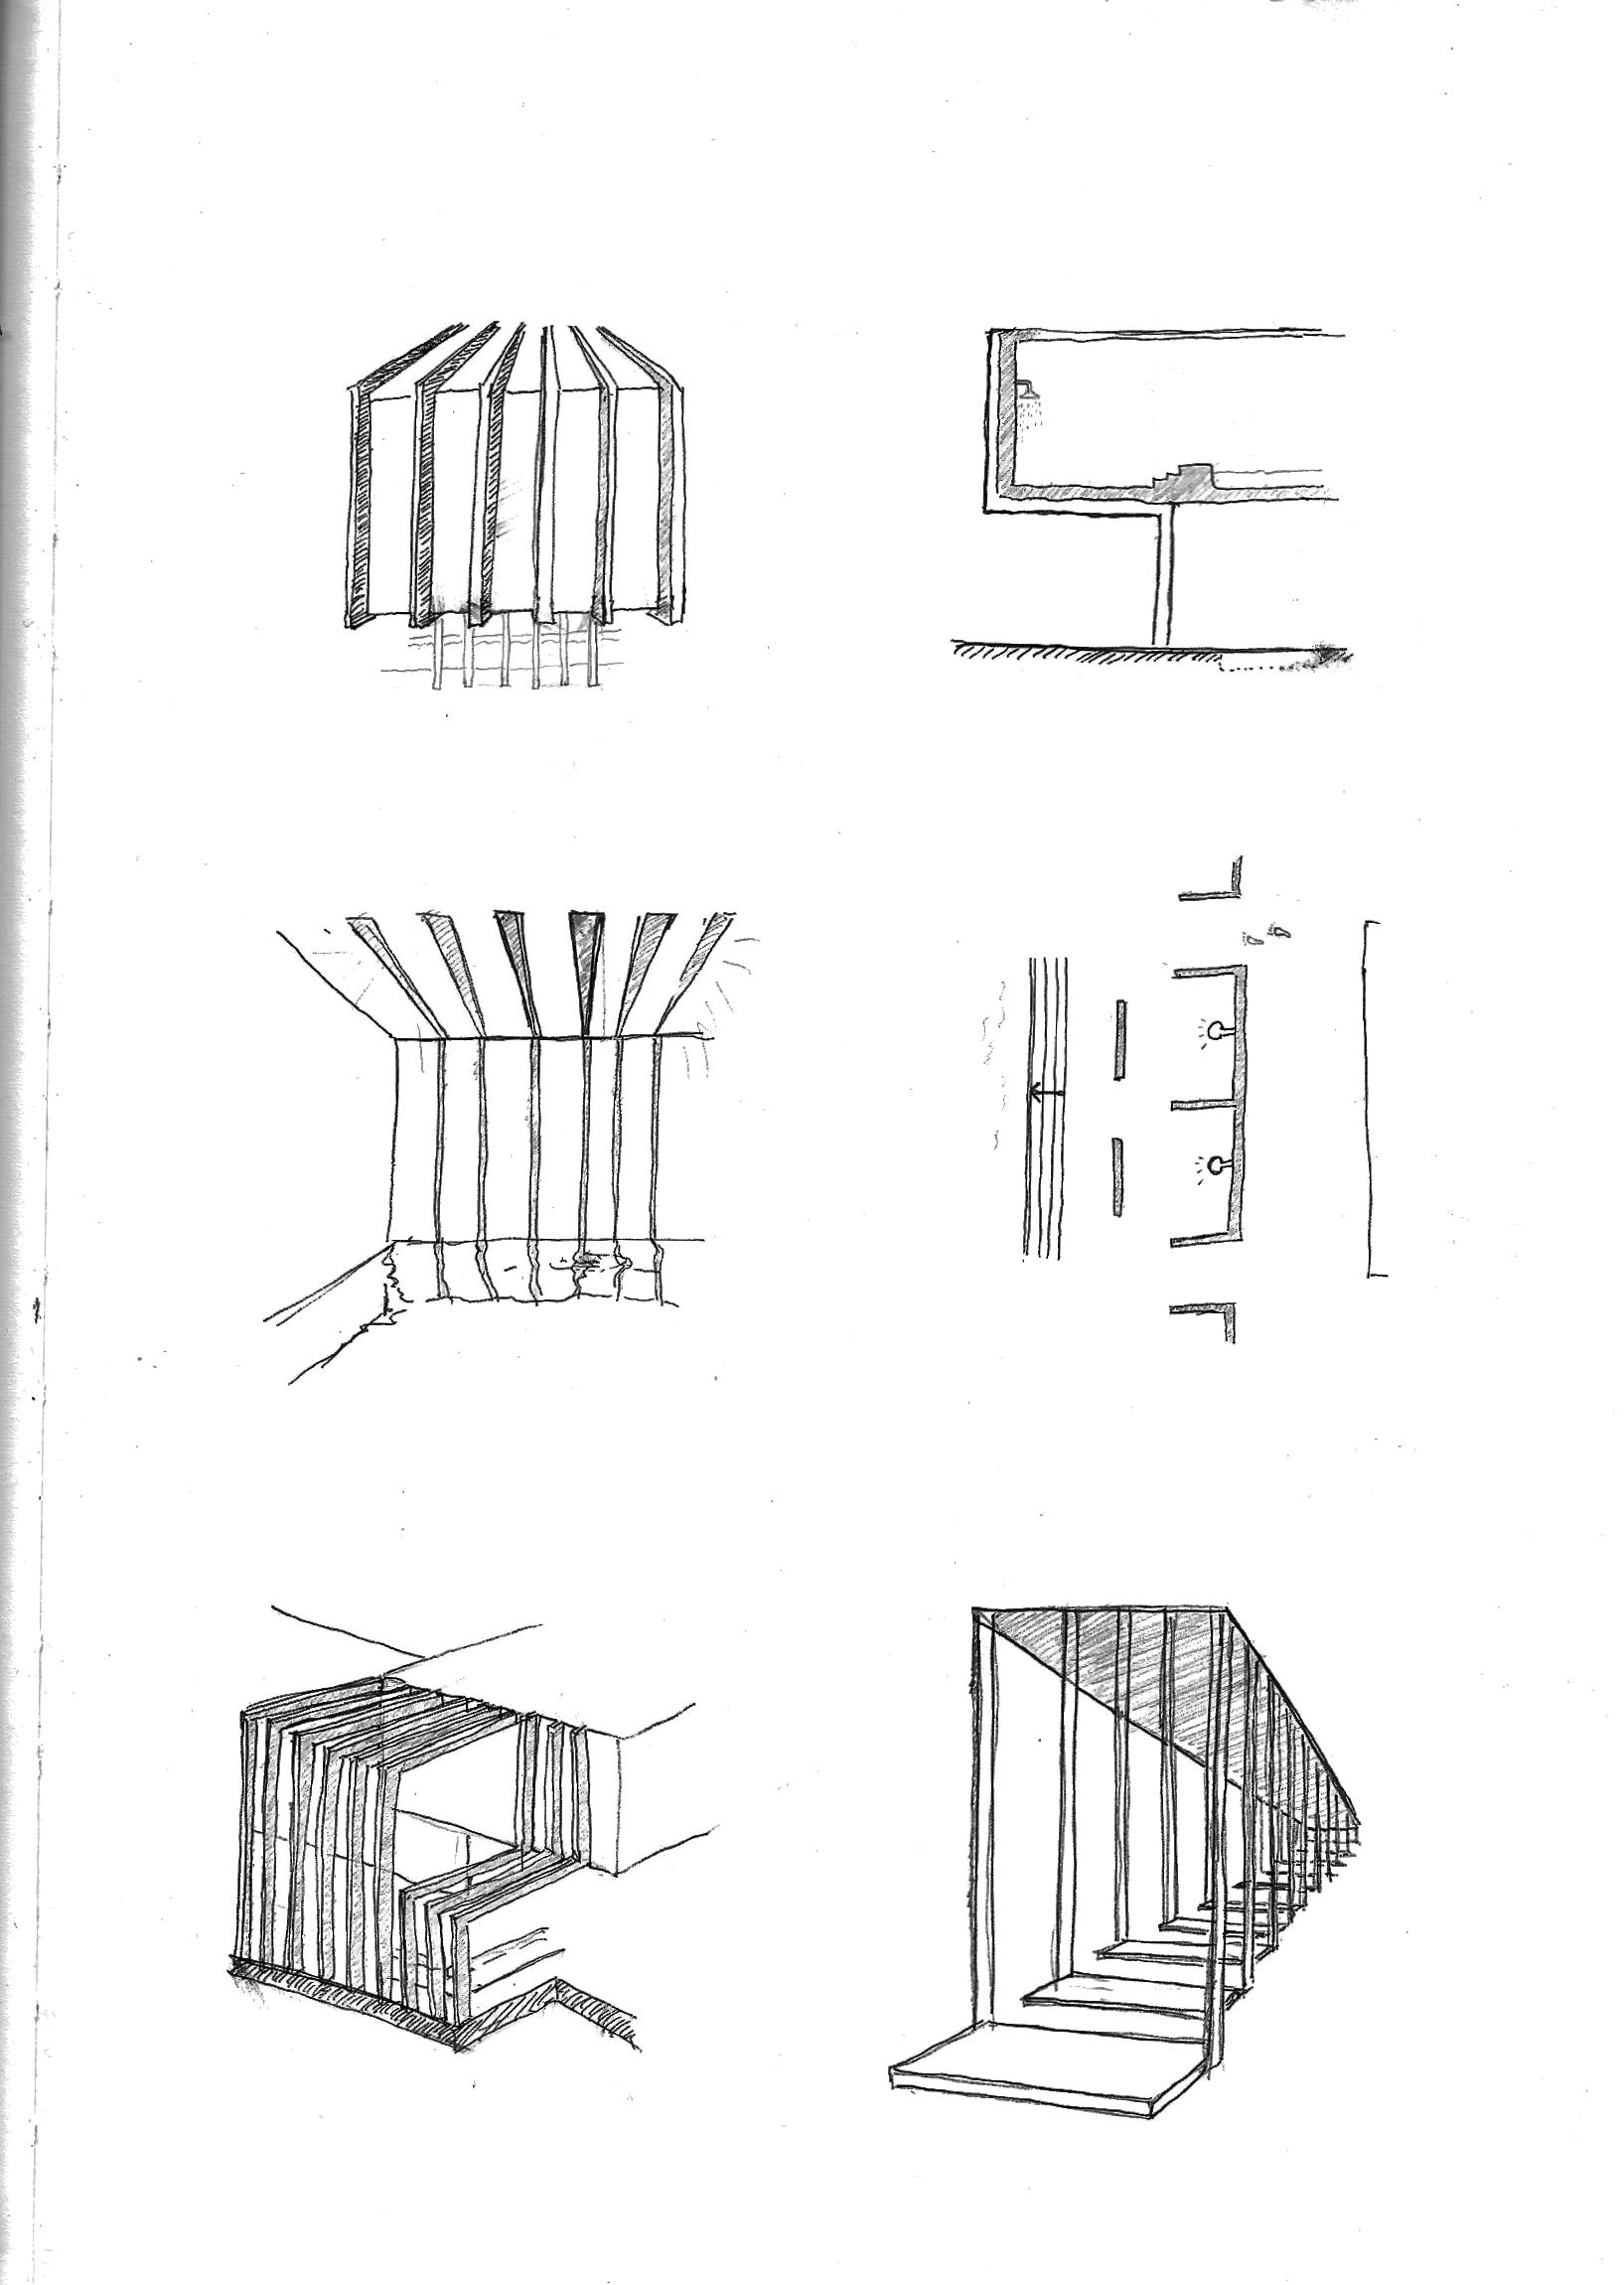 Xactimate Sketch Room Under Stairs | Wiring Diagram Database